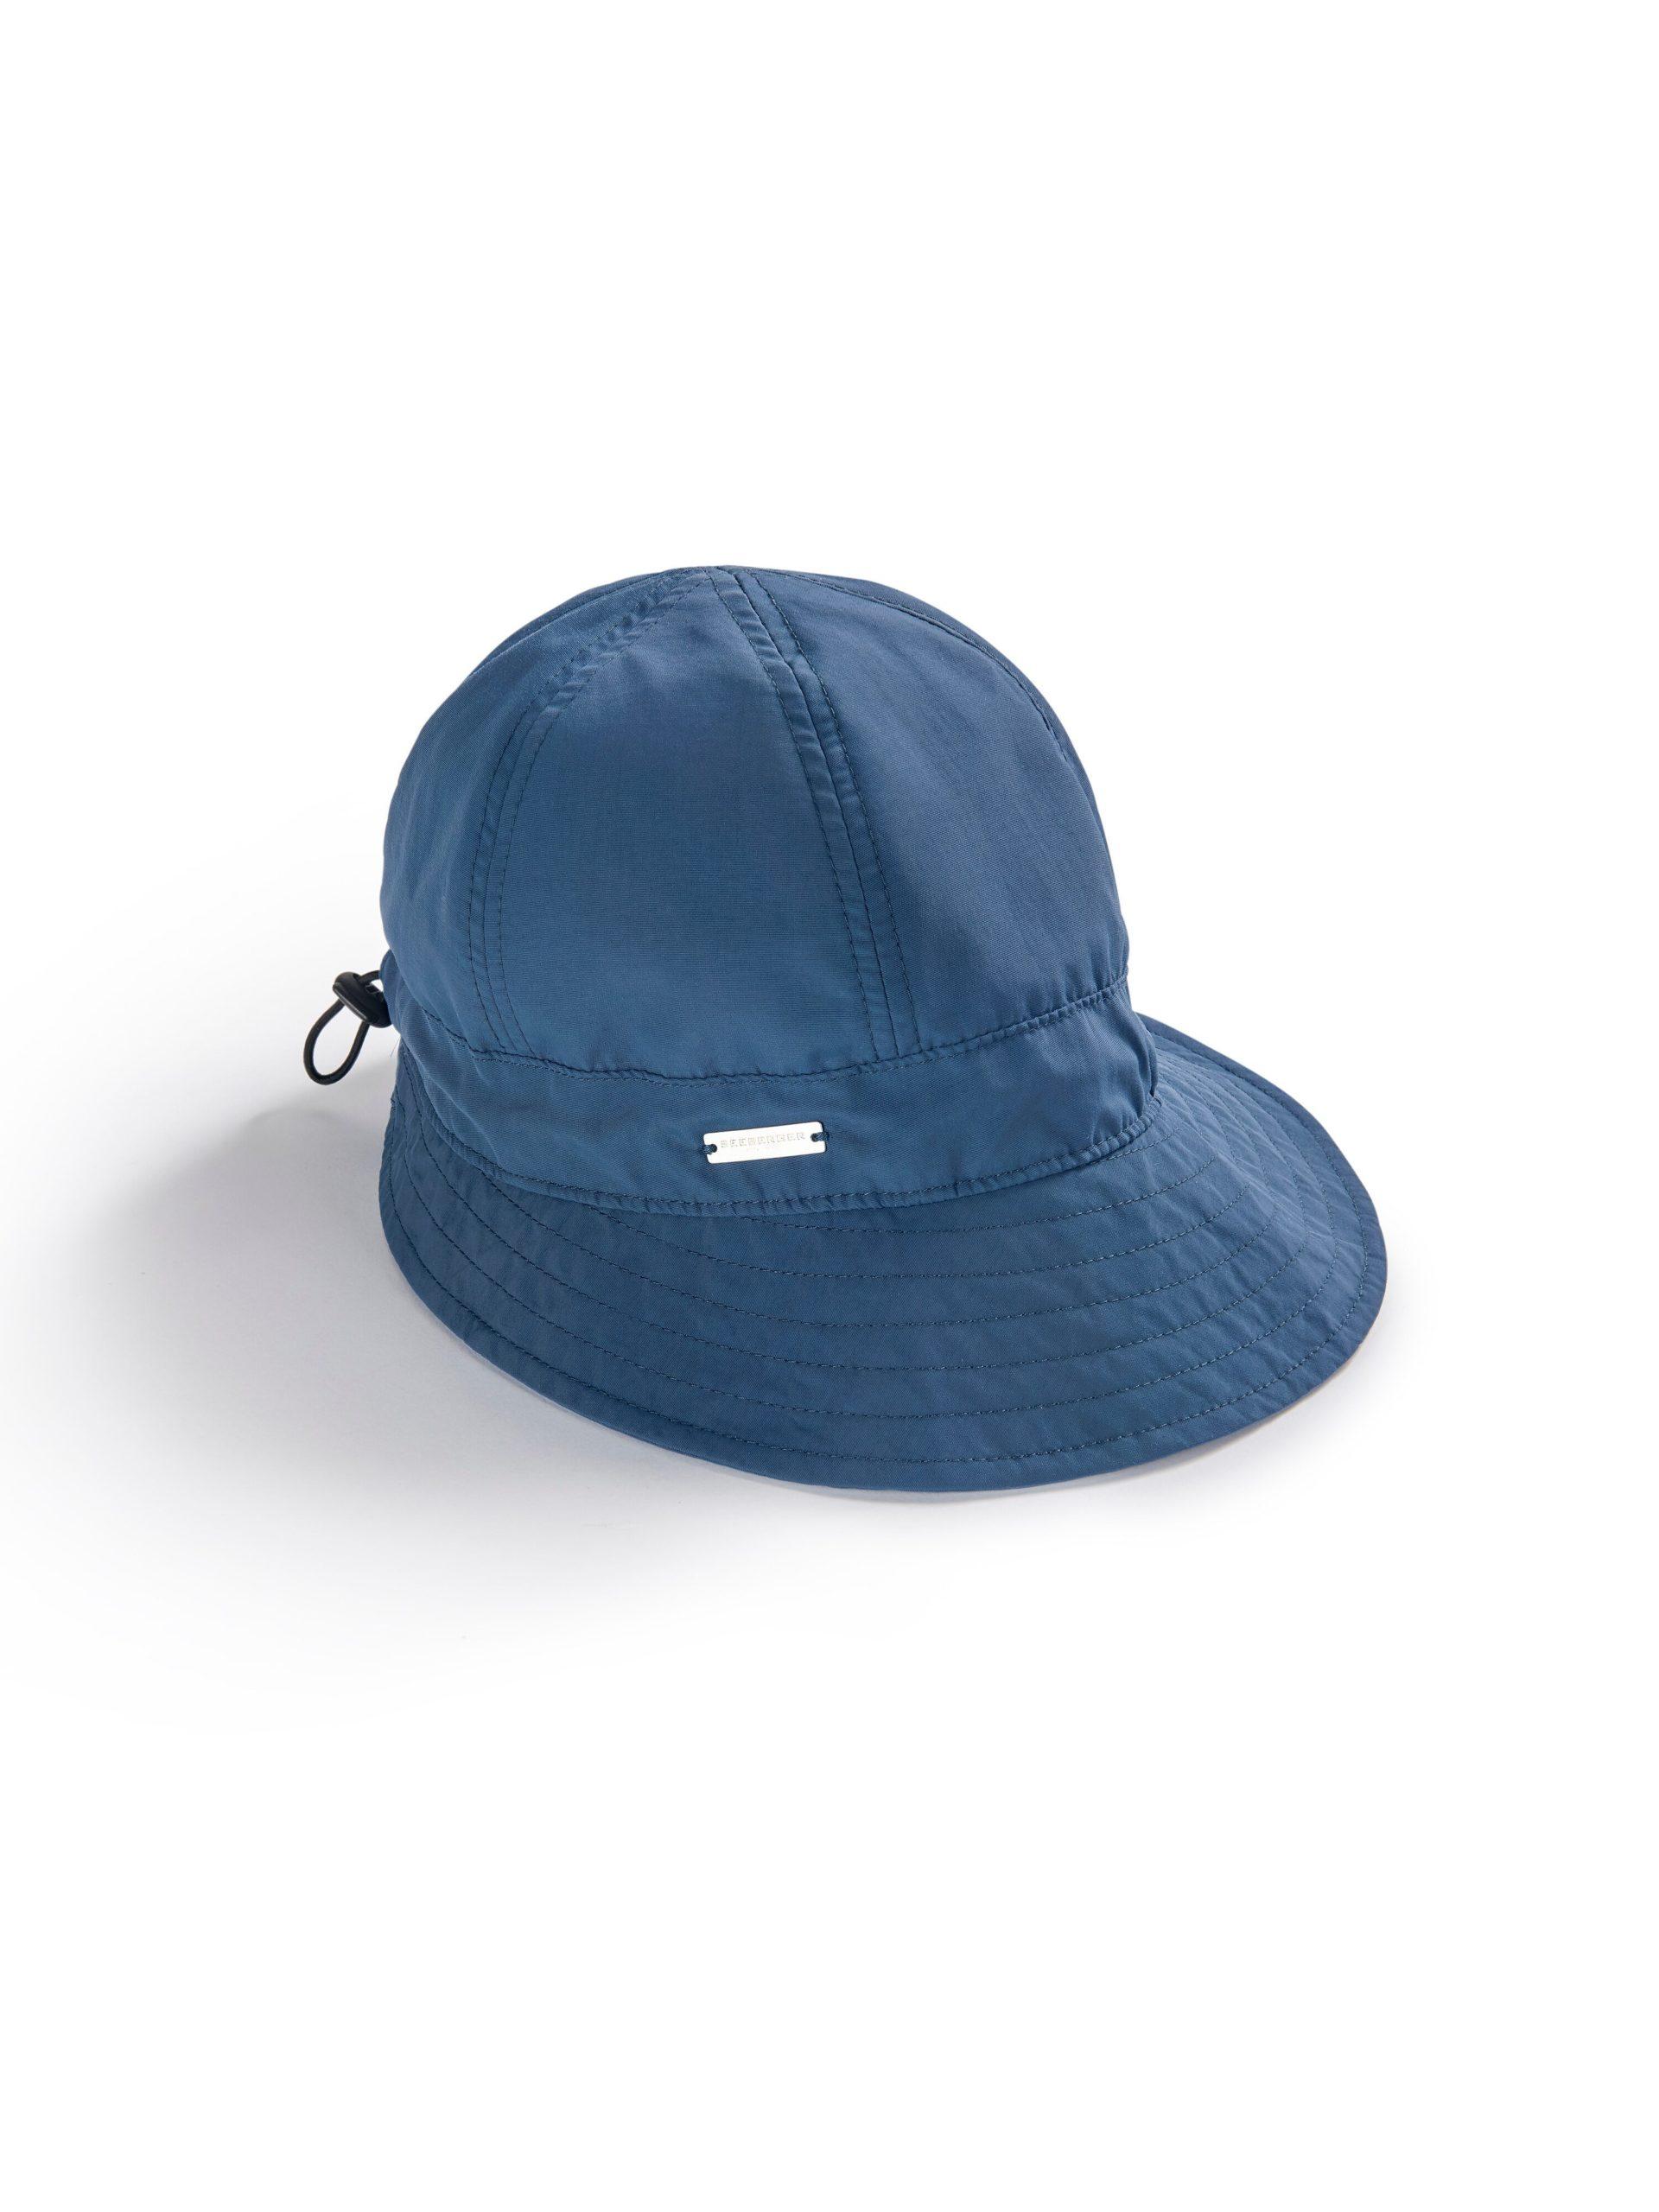 Hoed Van Seeberger blauw Kopen